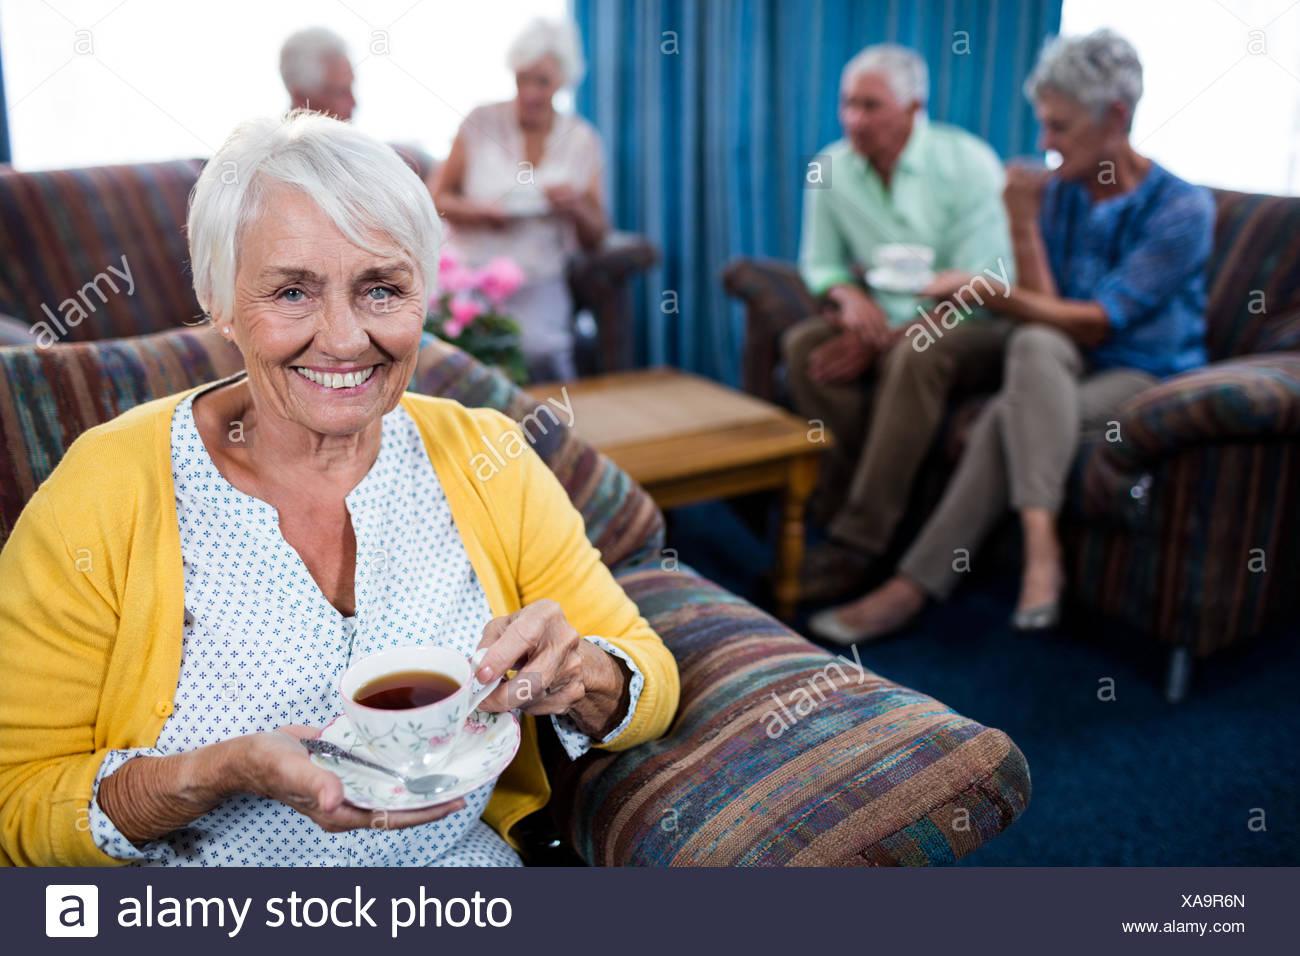 Most Legitimate Senior Dating Online Site In Houston